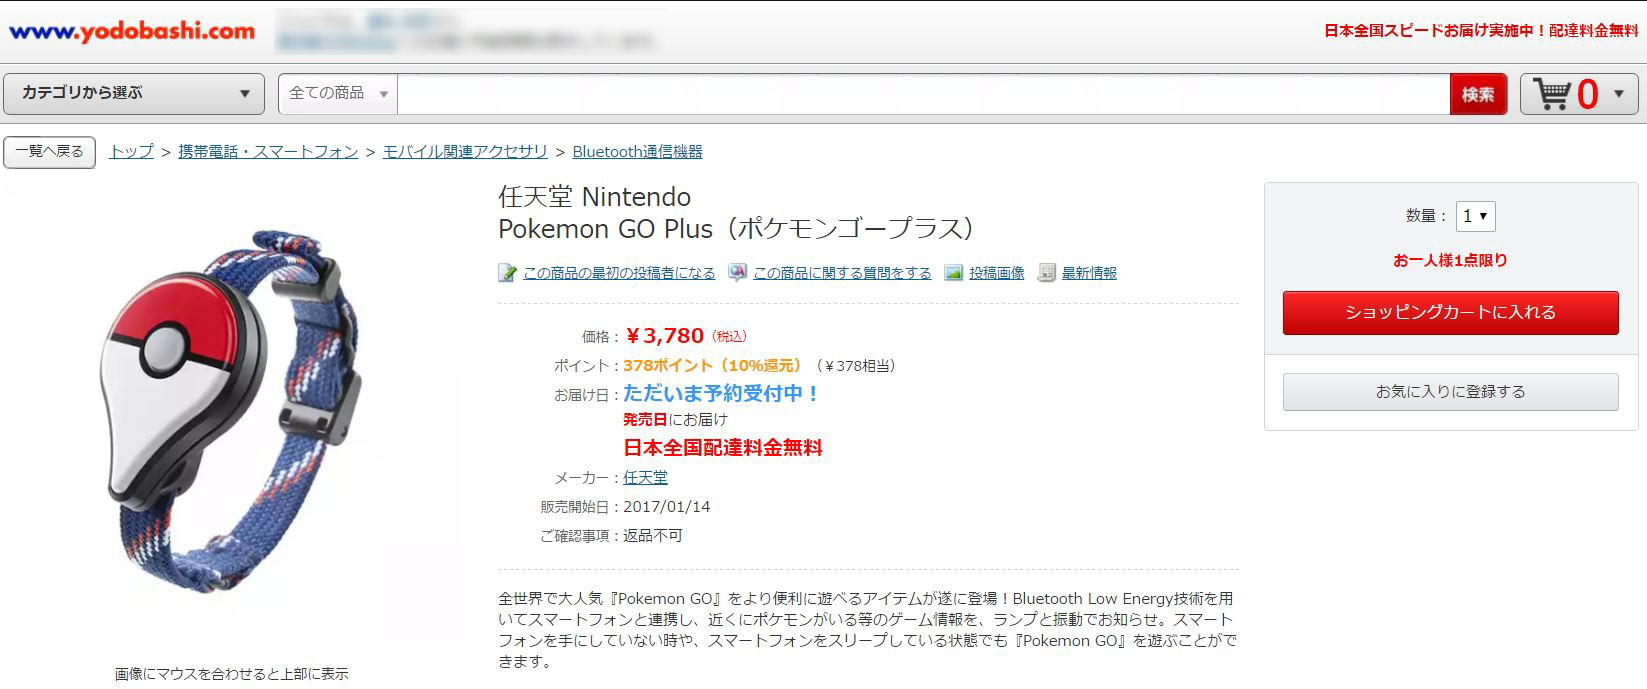 ポケモンgo plusがヨドバシやトイザらスで予約販売開始。現在注文すれ